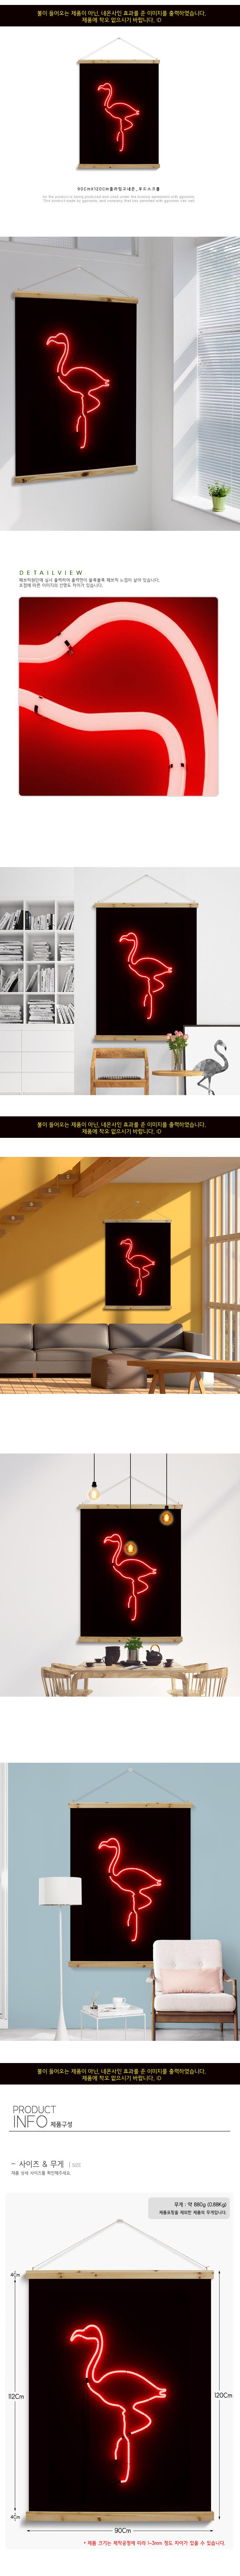 우드스크롤_90CmX120Cm-플라밍고네온 - 꾸밈, 60,000원, 홈갤러리, 패브릭포스터